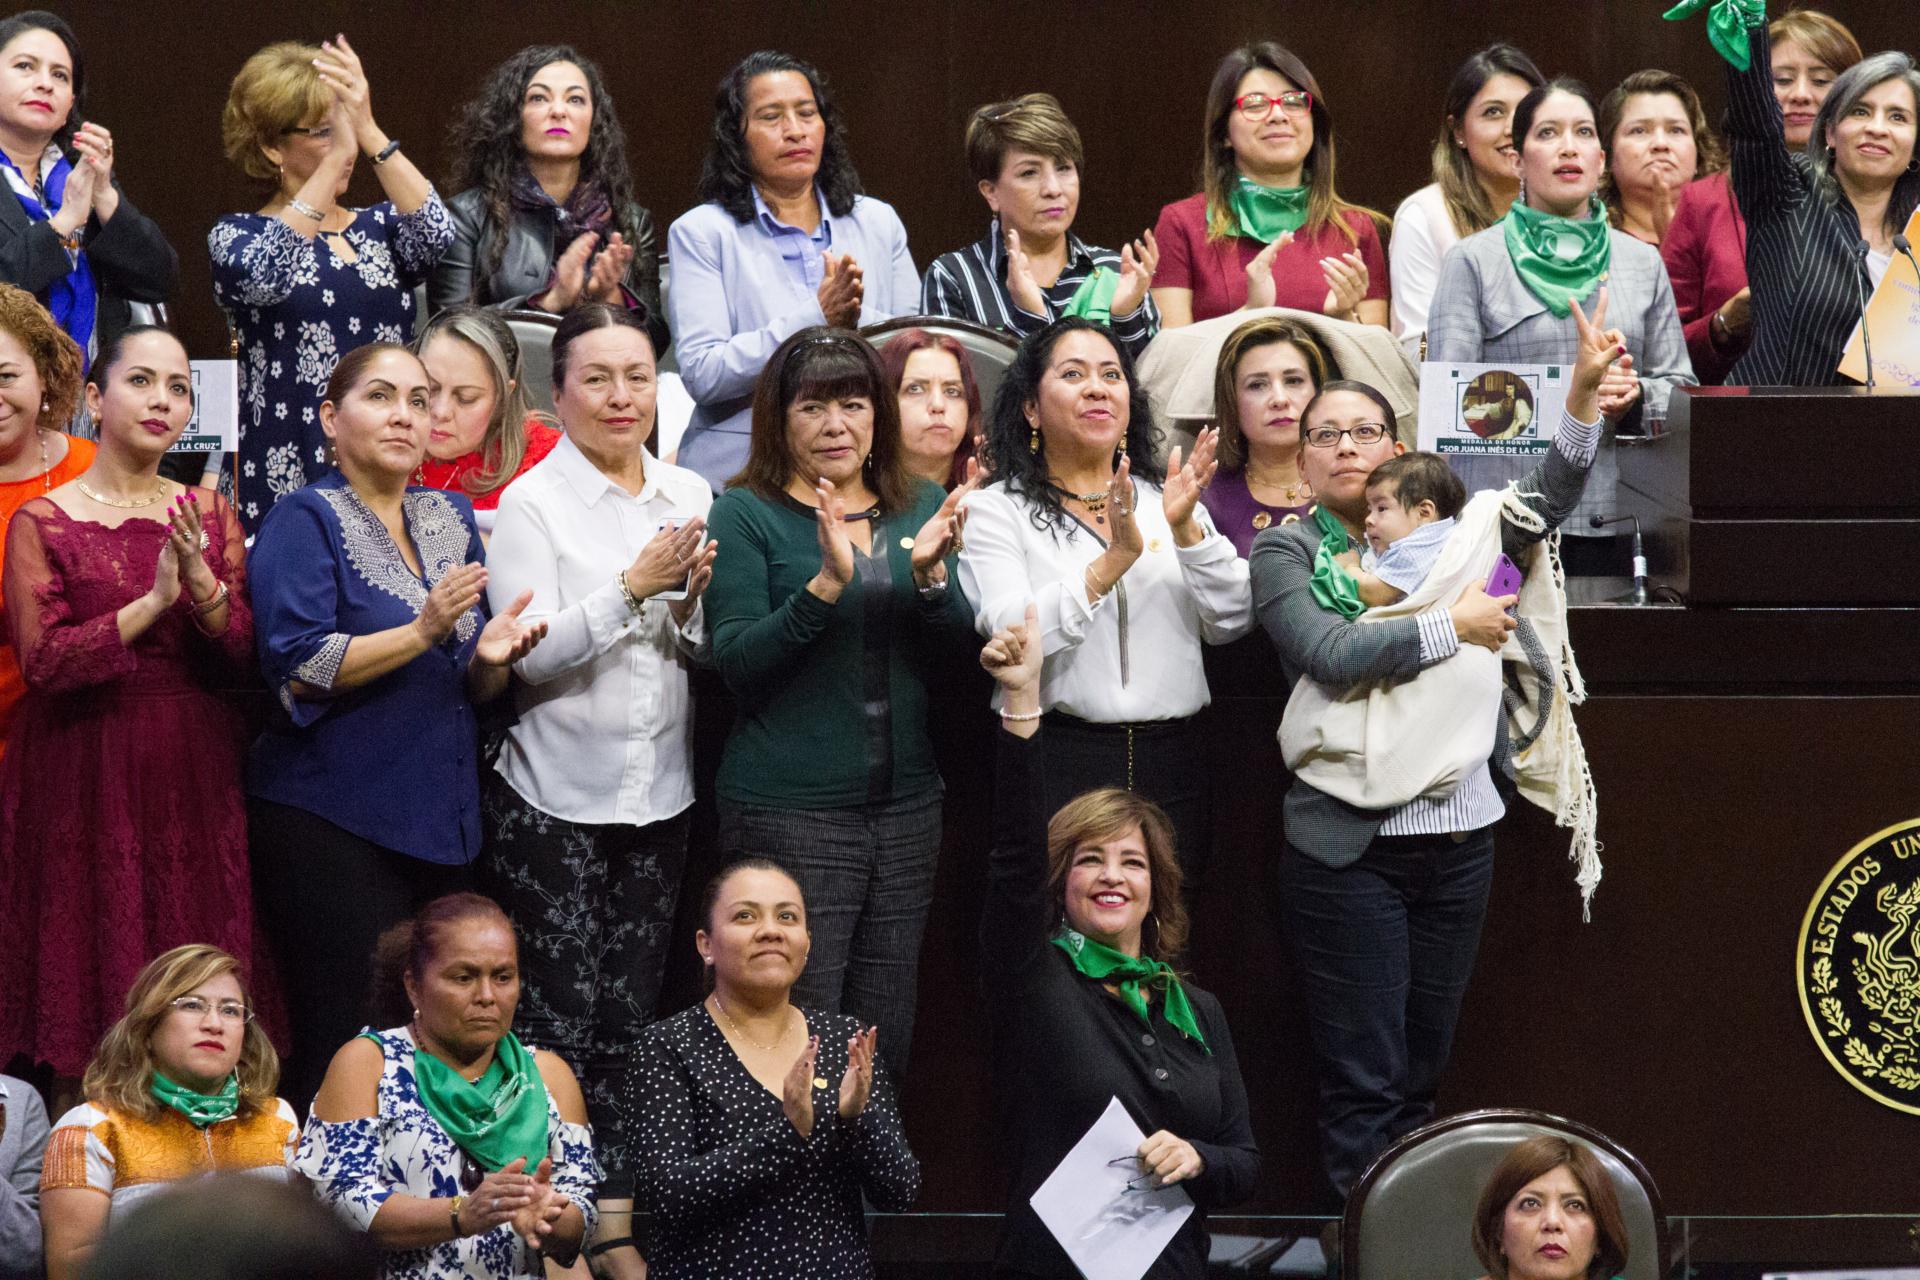 Diputadas de algunos partidos han hablado en tribuna sobre el derecho de la mujer a decidir sobre su cuerpo. (Foto: Caurtoscuro)